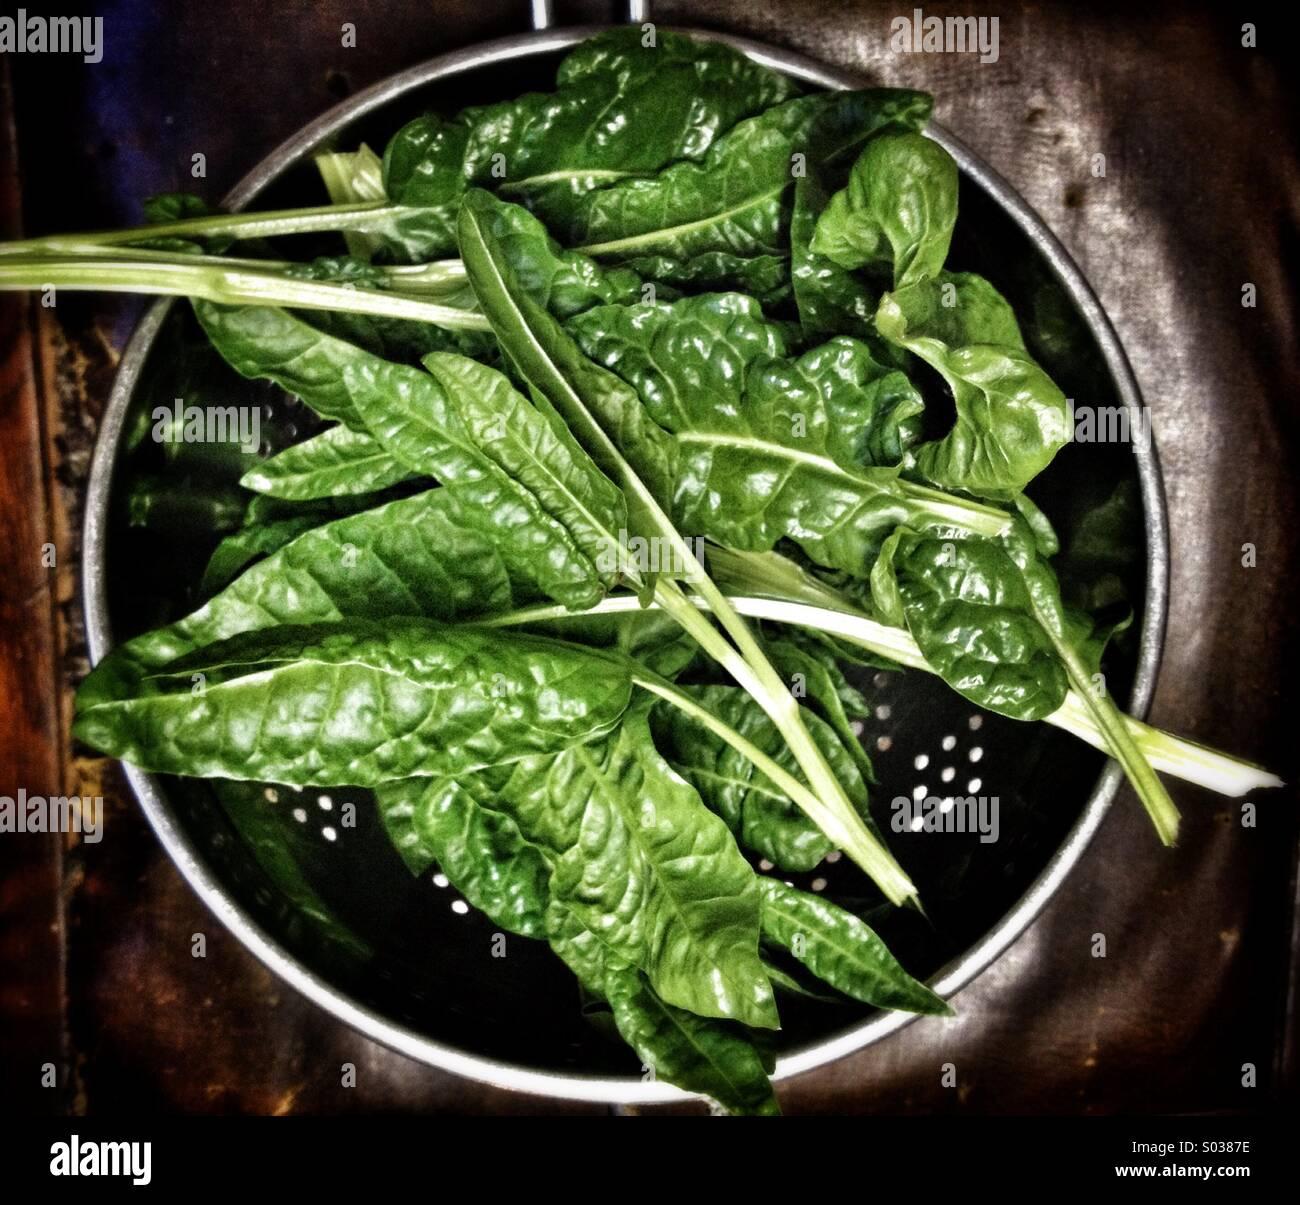 Frisch geerntete rote Spinat-Rübe Blätter in einem Sieb Stockbild